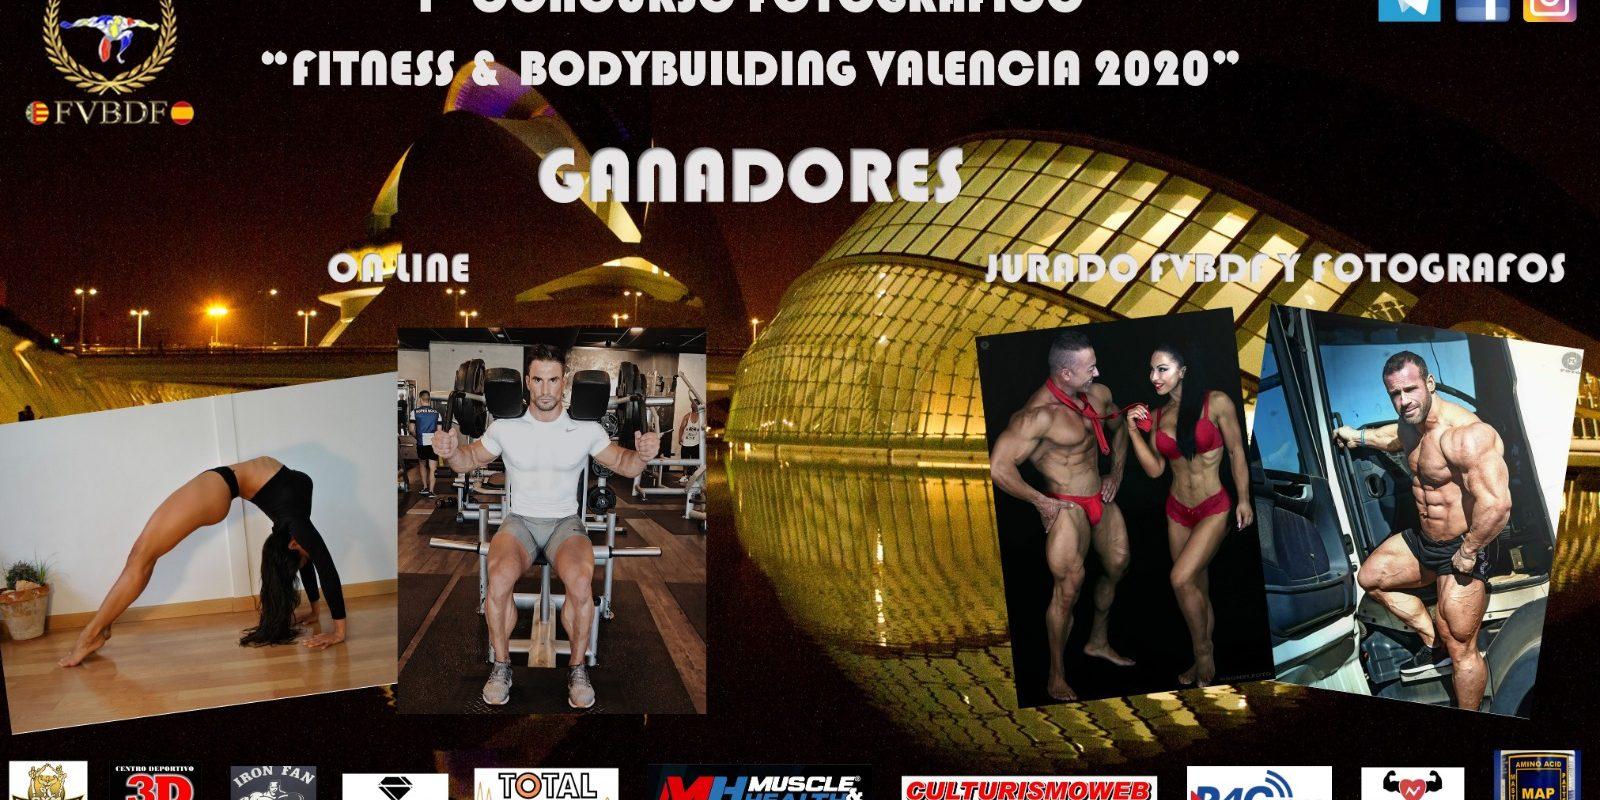 GANADORES CONCURSO FOTOGRÁFICO VALENCIA 2020: